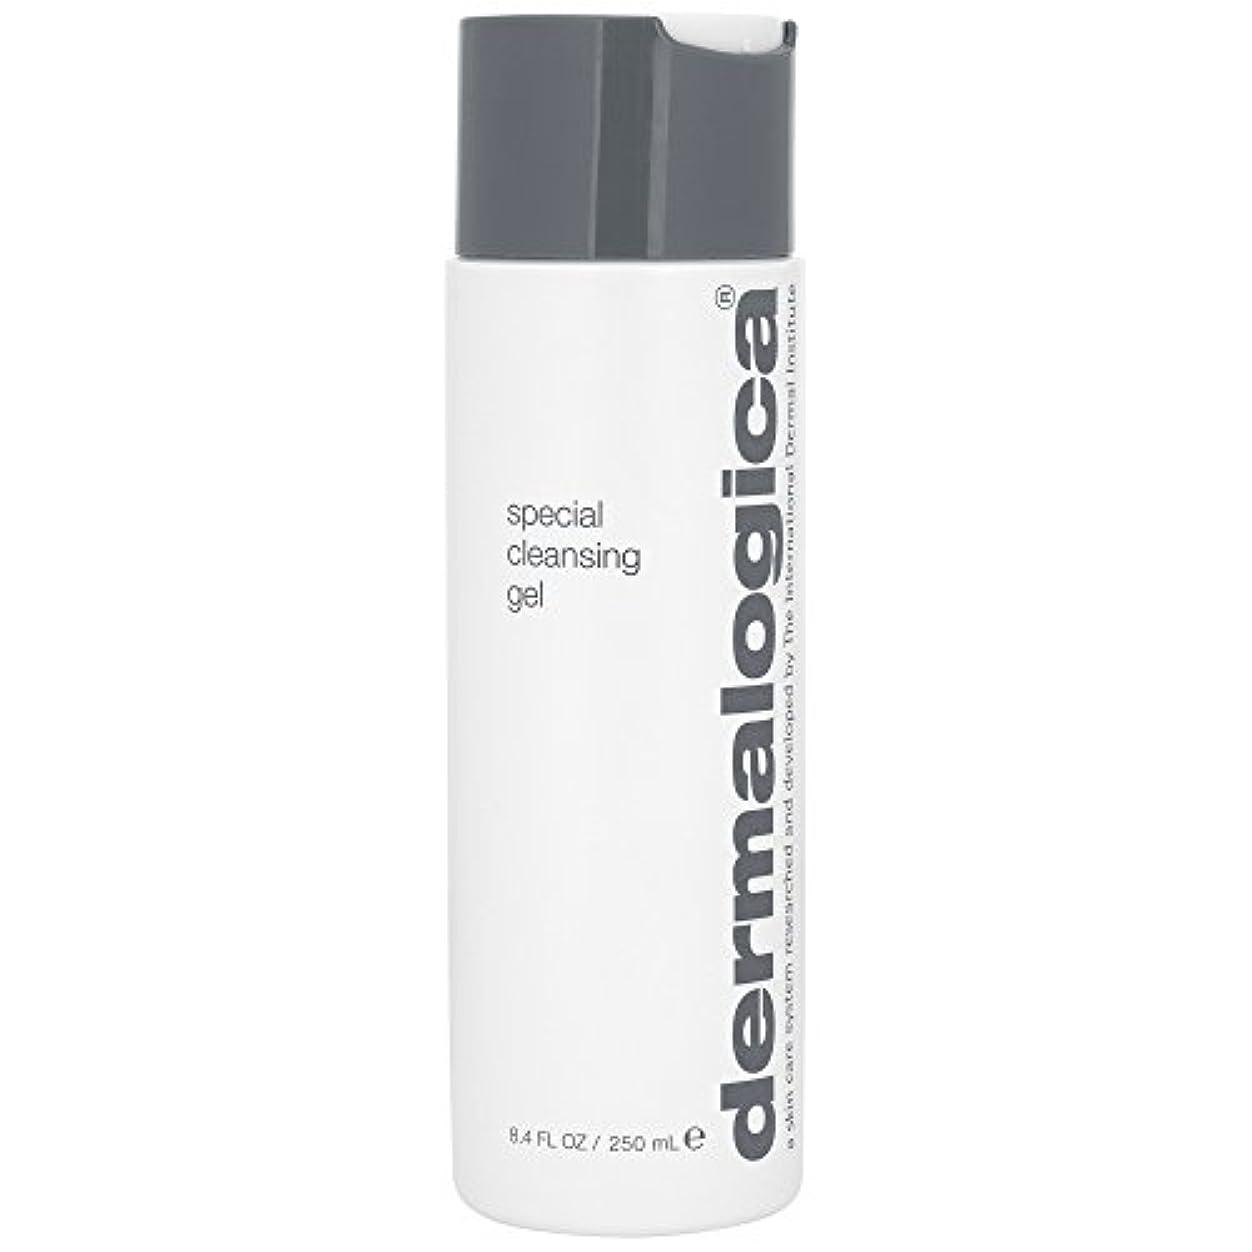 便利先祖ベースダーマロジカ特別なクレンジングゲル250ミリリットル (Dermalogica) - Dermalogica Special Cleansing Gel 250ml [並行輸入品]